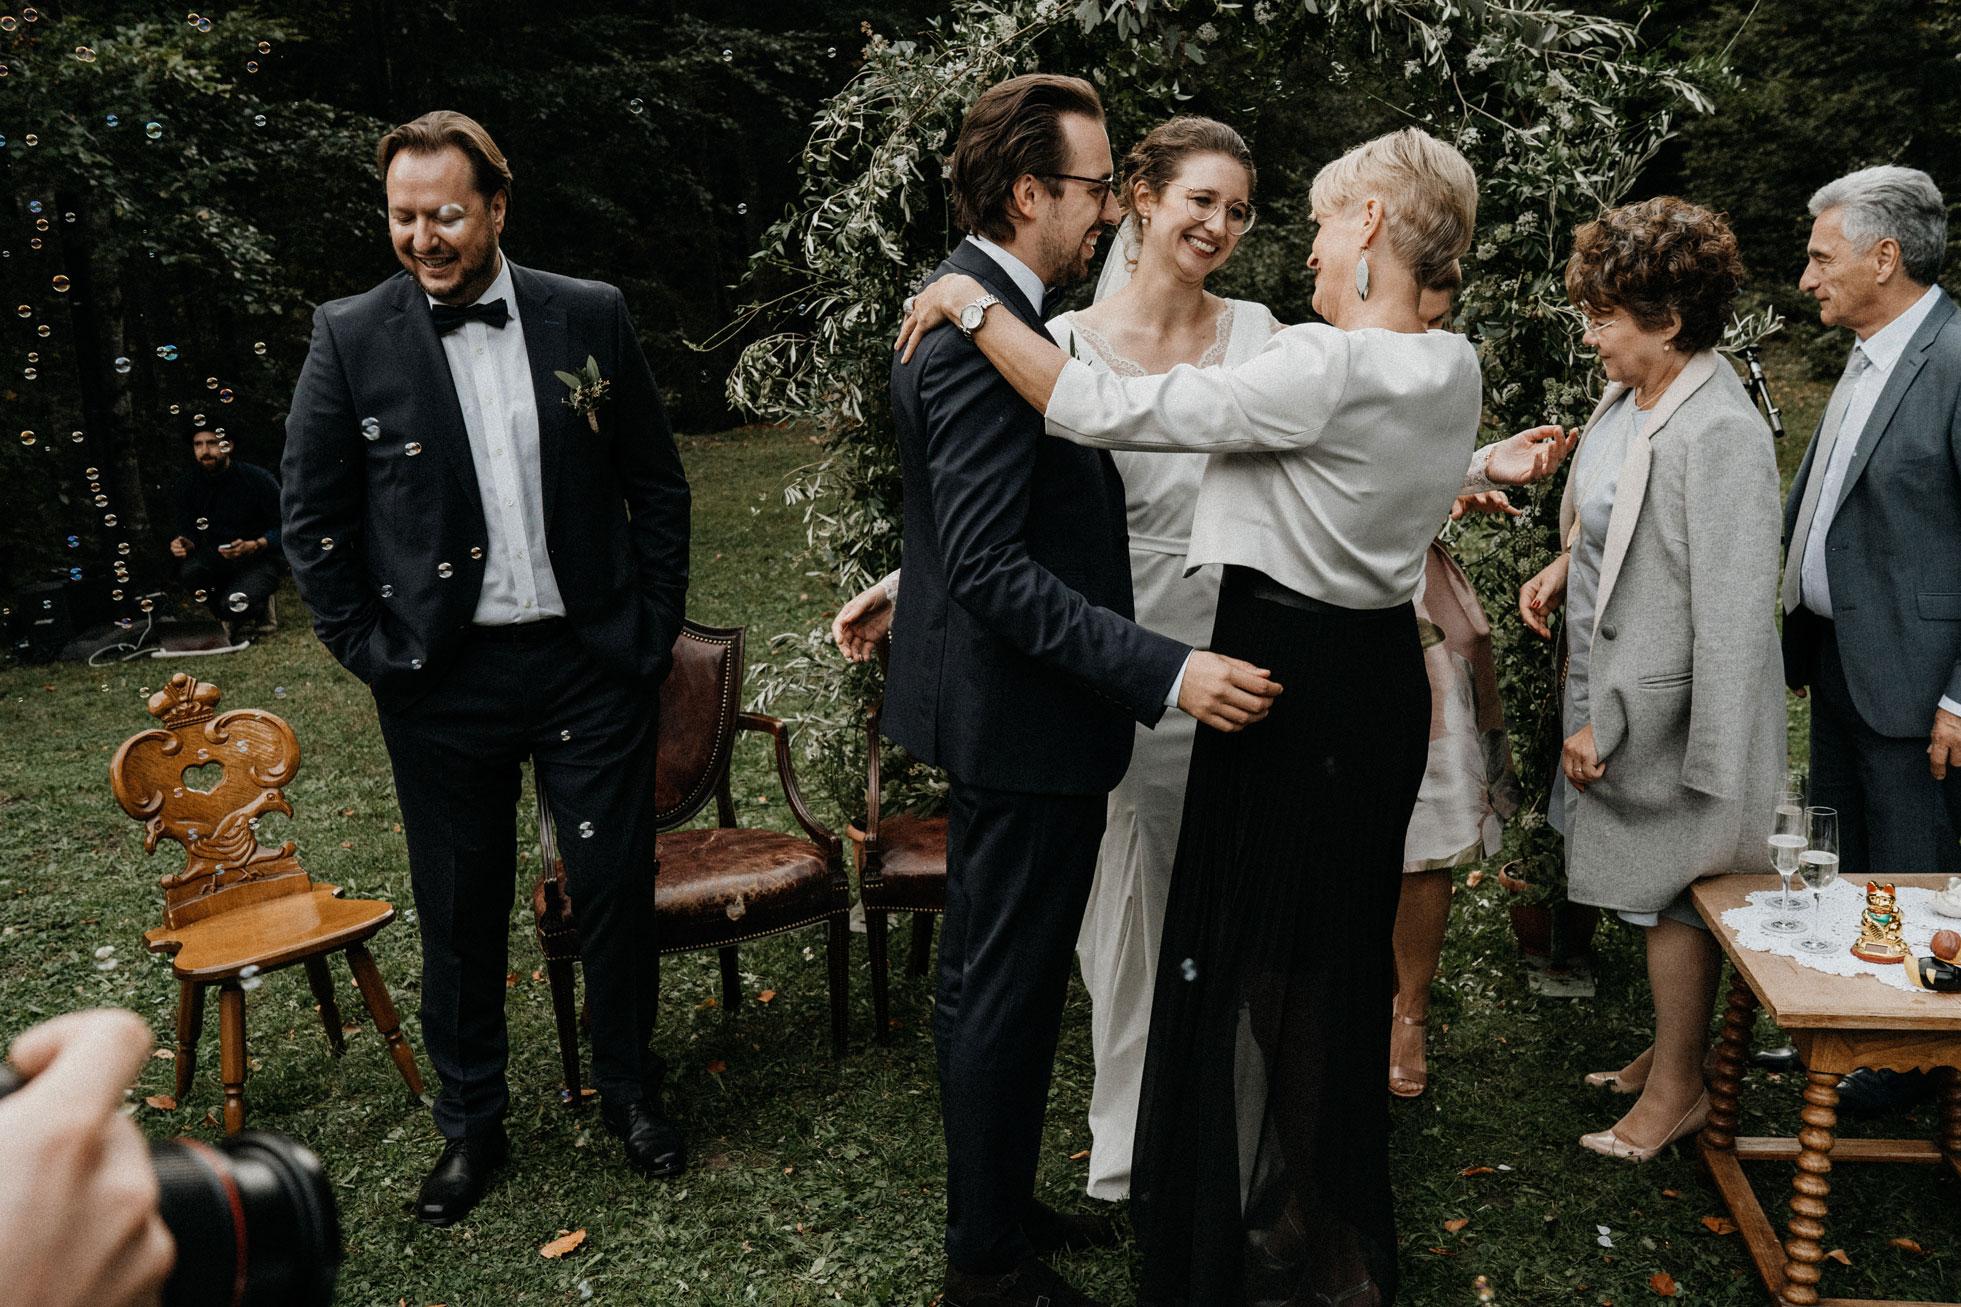 Hochzeit_Claire_Manuel_Villa_Maund_Daniel_Jenny-247.jpg